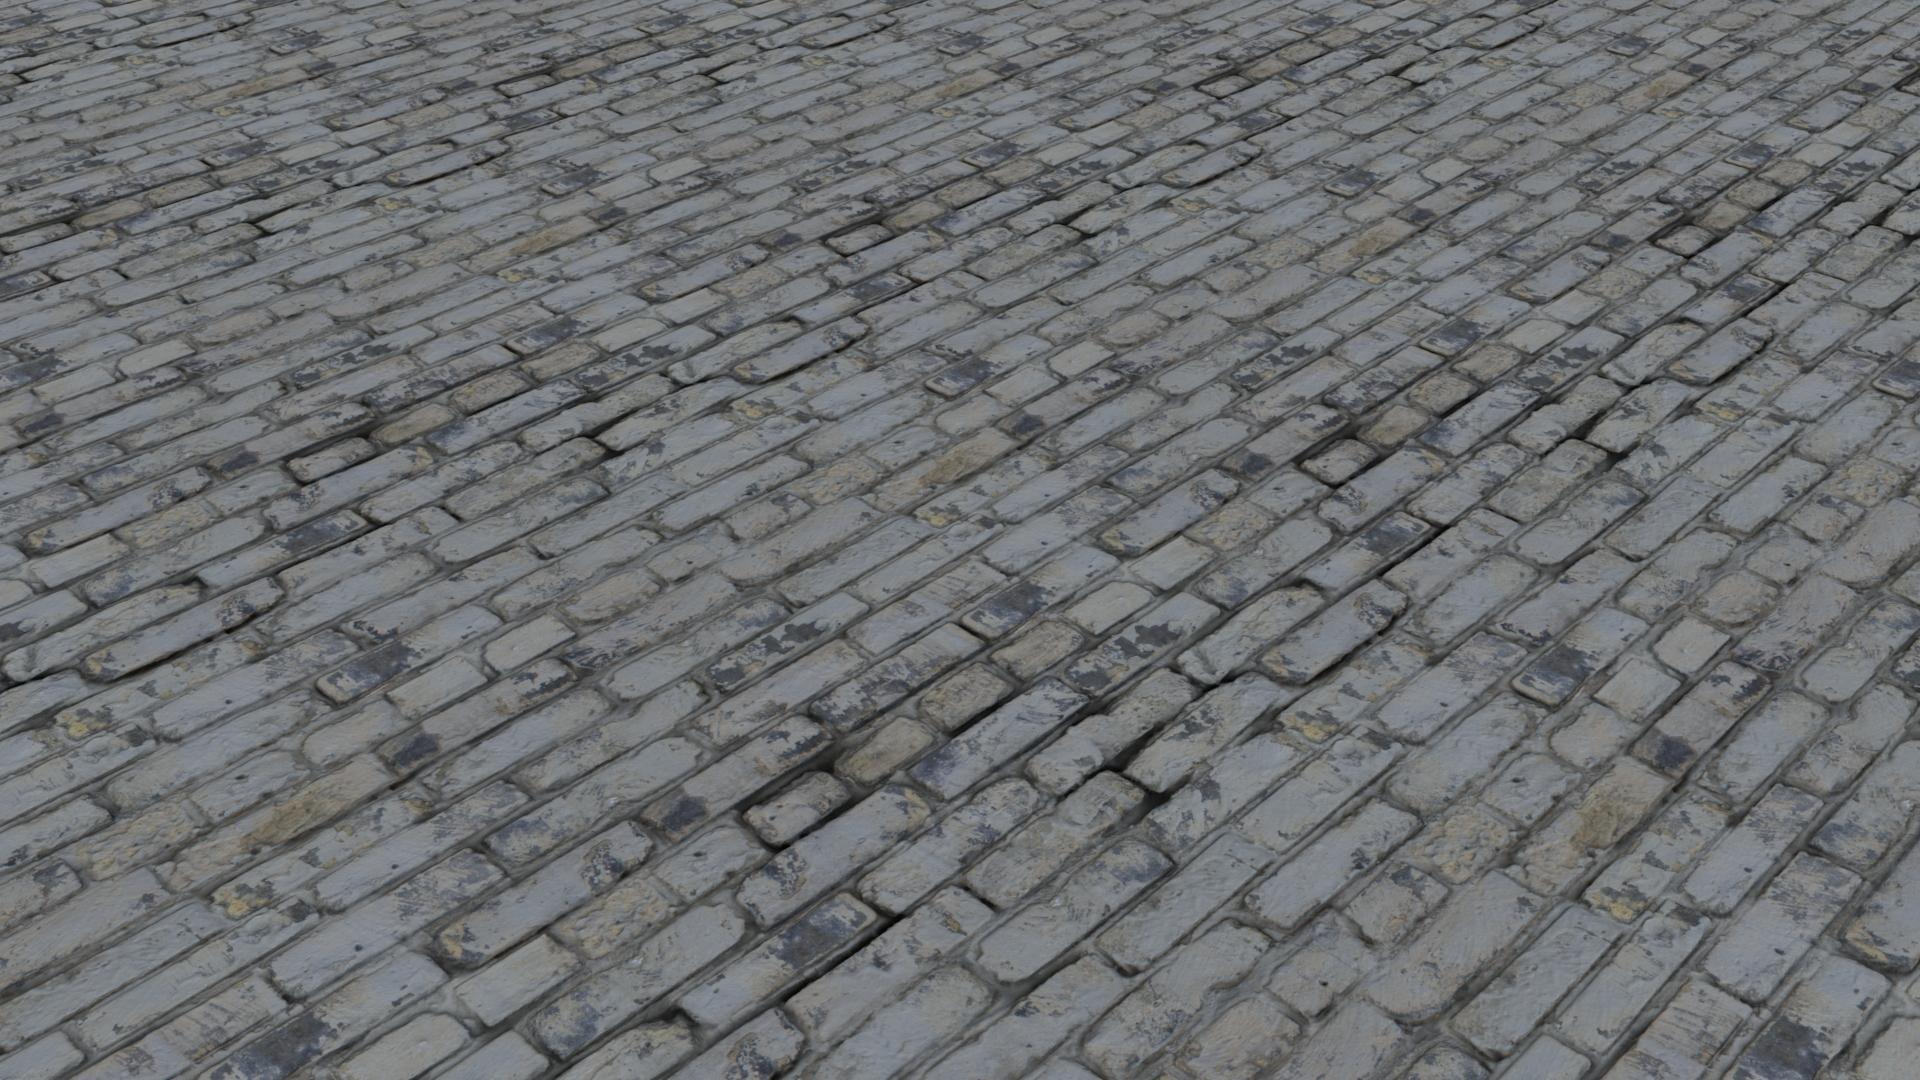 Bricks White Washed Old Light Flat